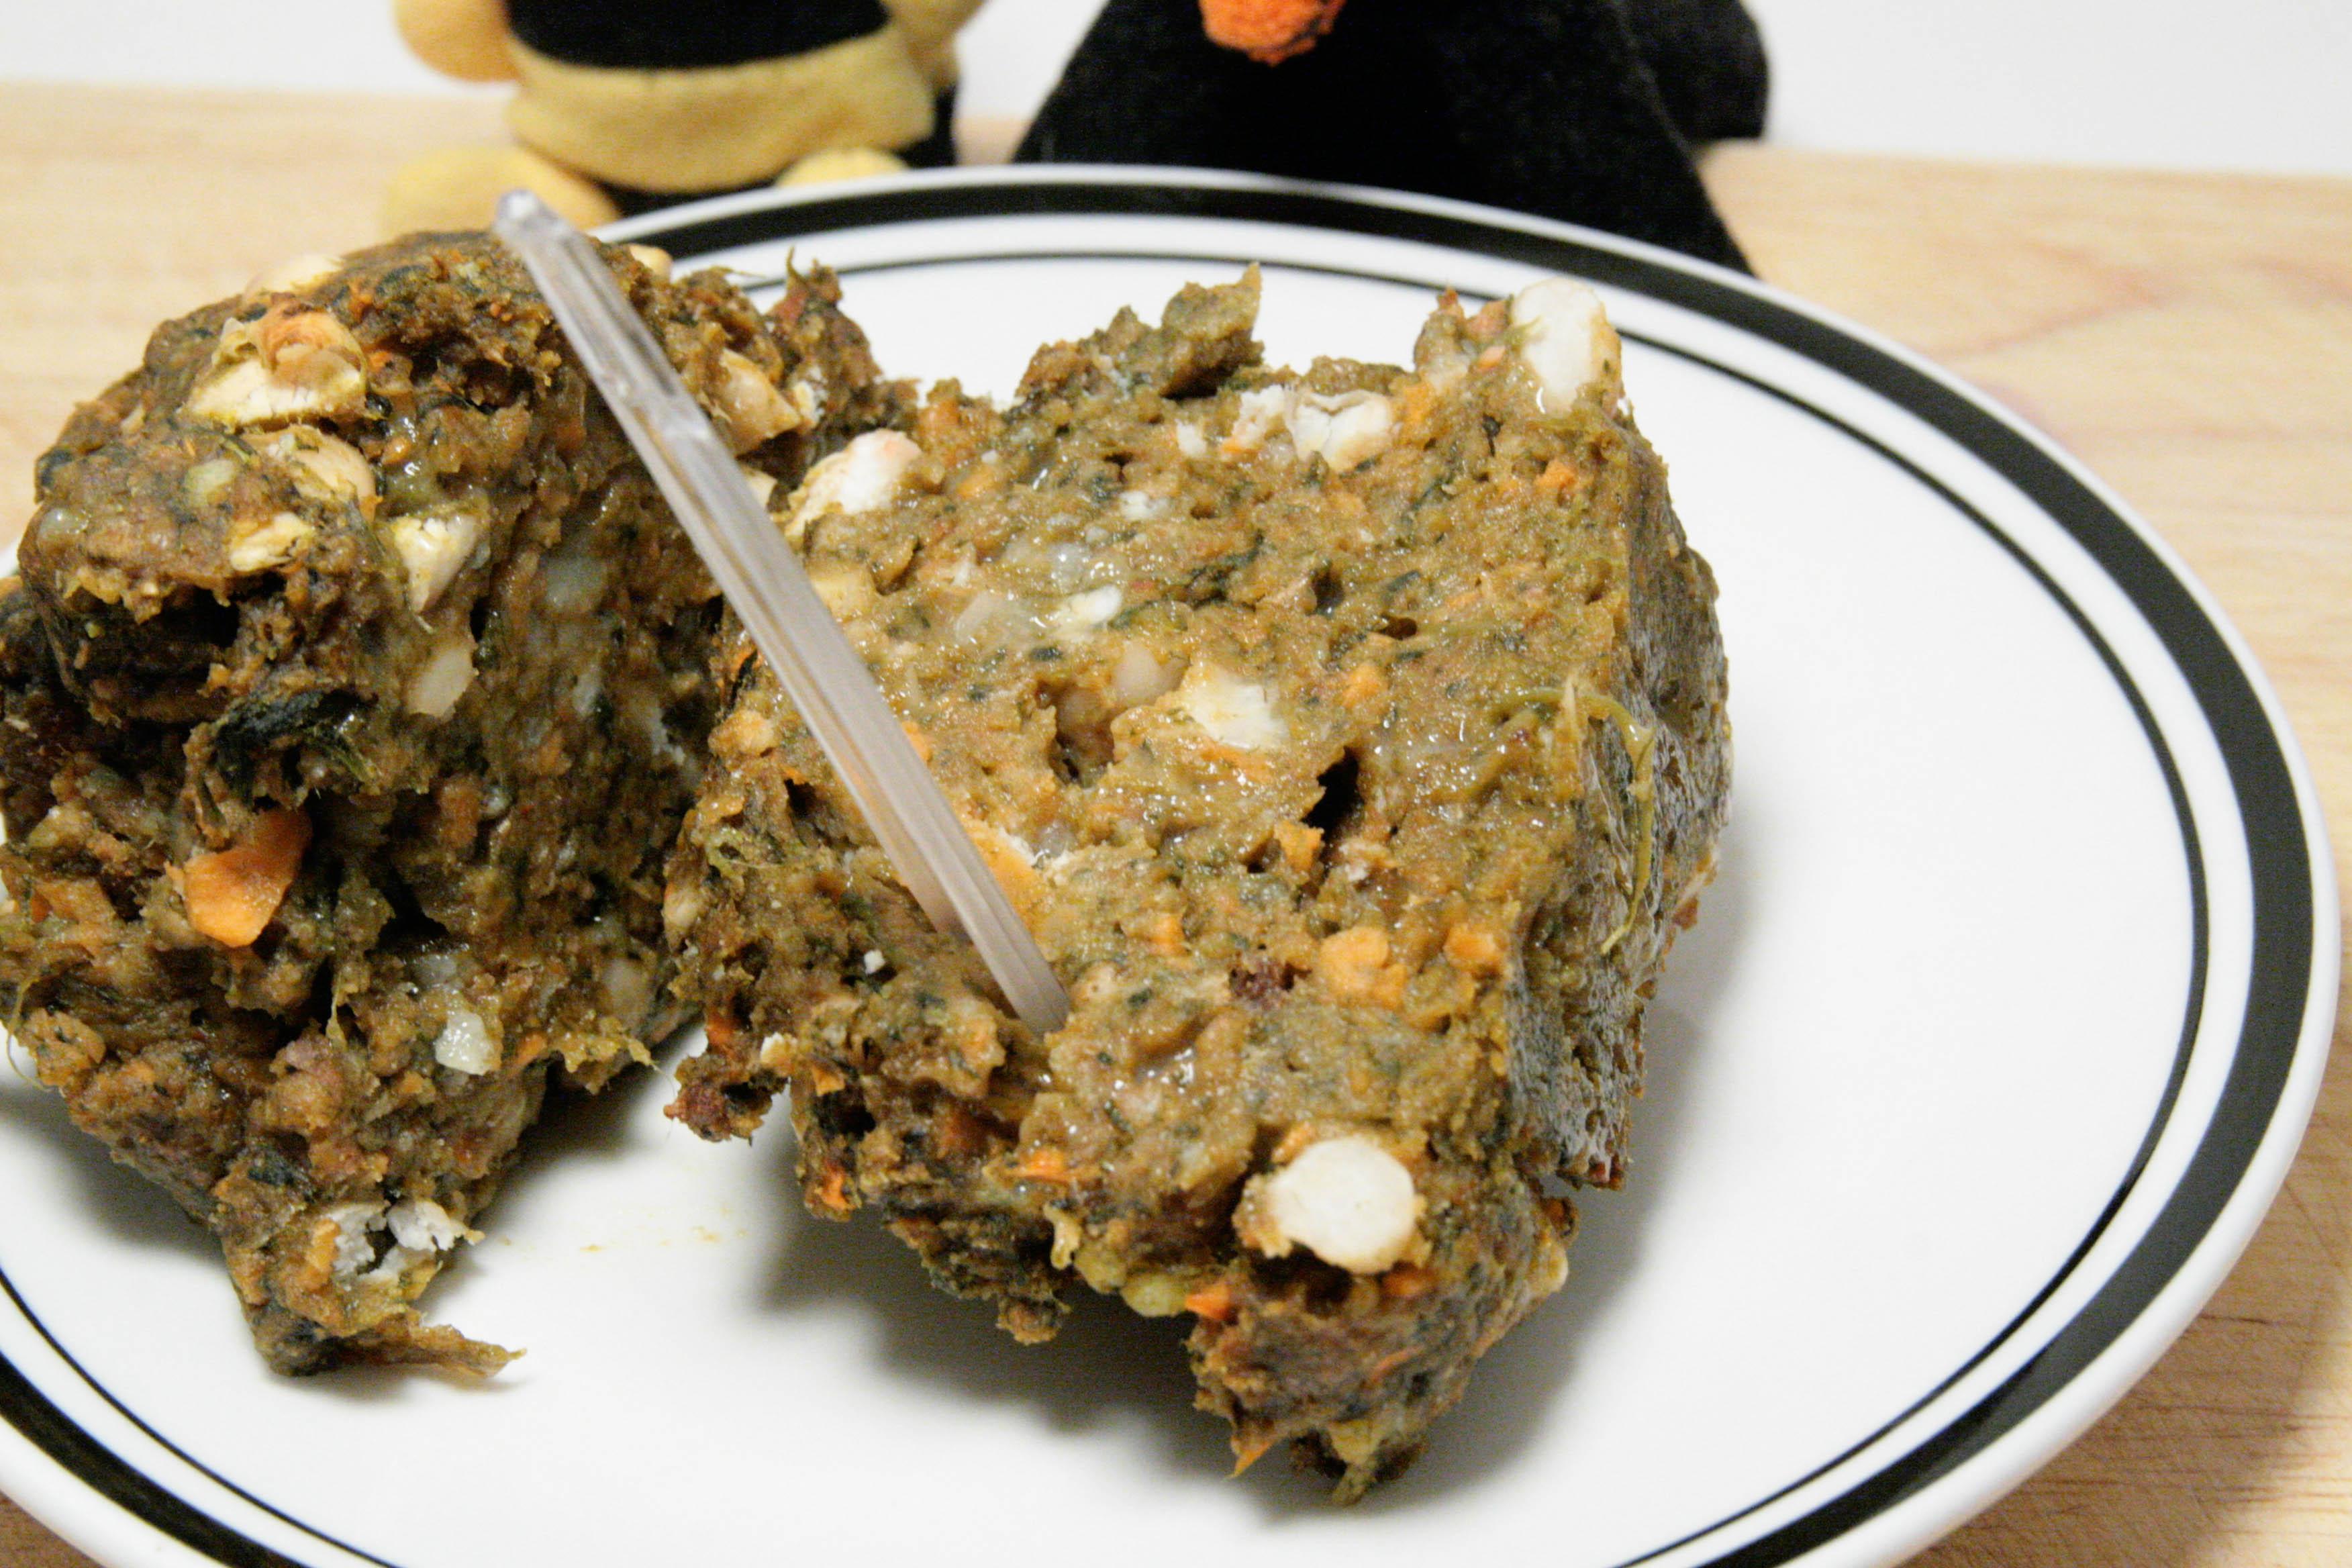 Let's Go to Prison: Nutraloaf, aka Prison Loaf – The Pizzle